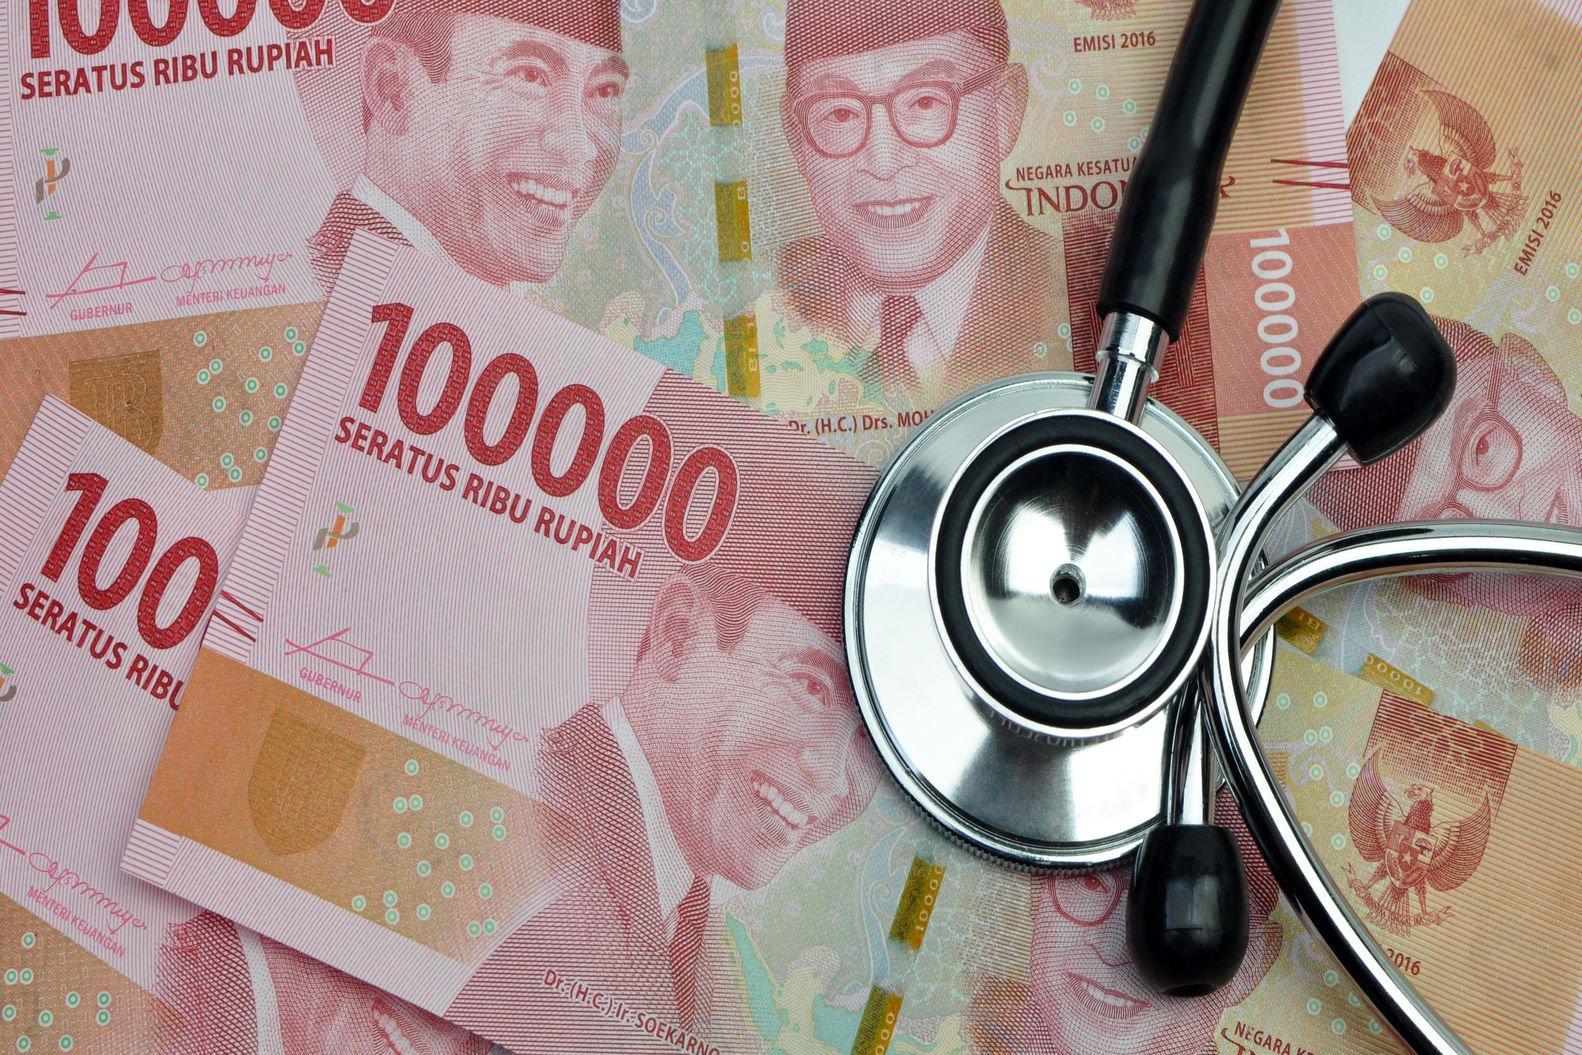 Ilustrasi. Rencana reformasi sistem keuangan di tengah pandemi virus corona dinilai belum perlu. Mengingat sejumlah indikator masih menunjukkan jauh dari krisis keuangan.